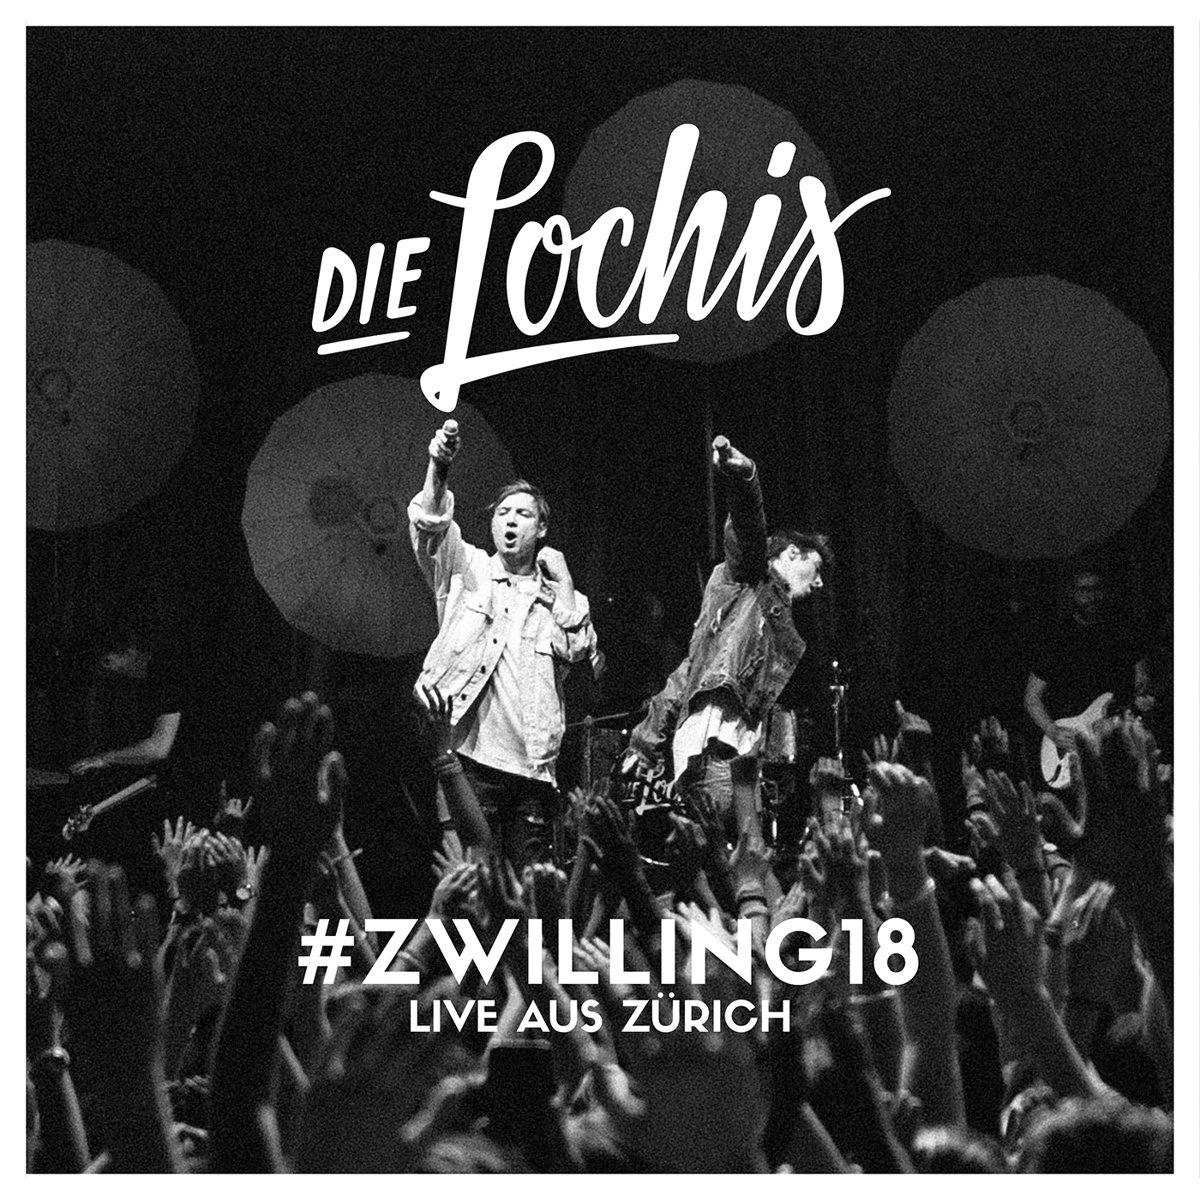 '#zwilling18 – Live aus Zürich